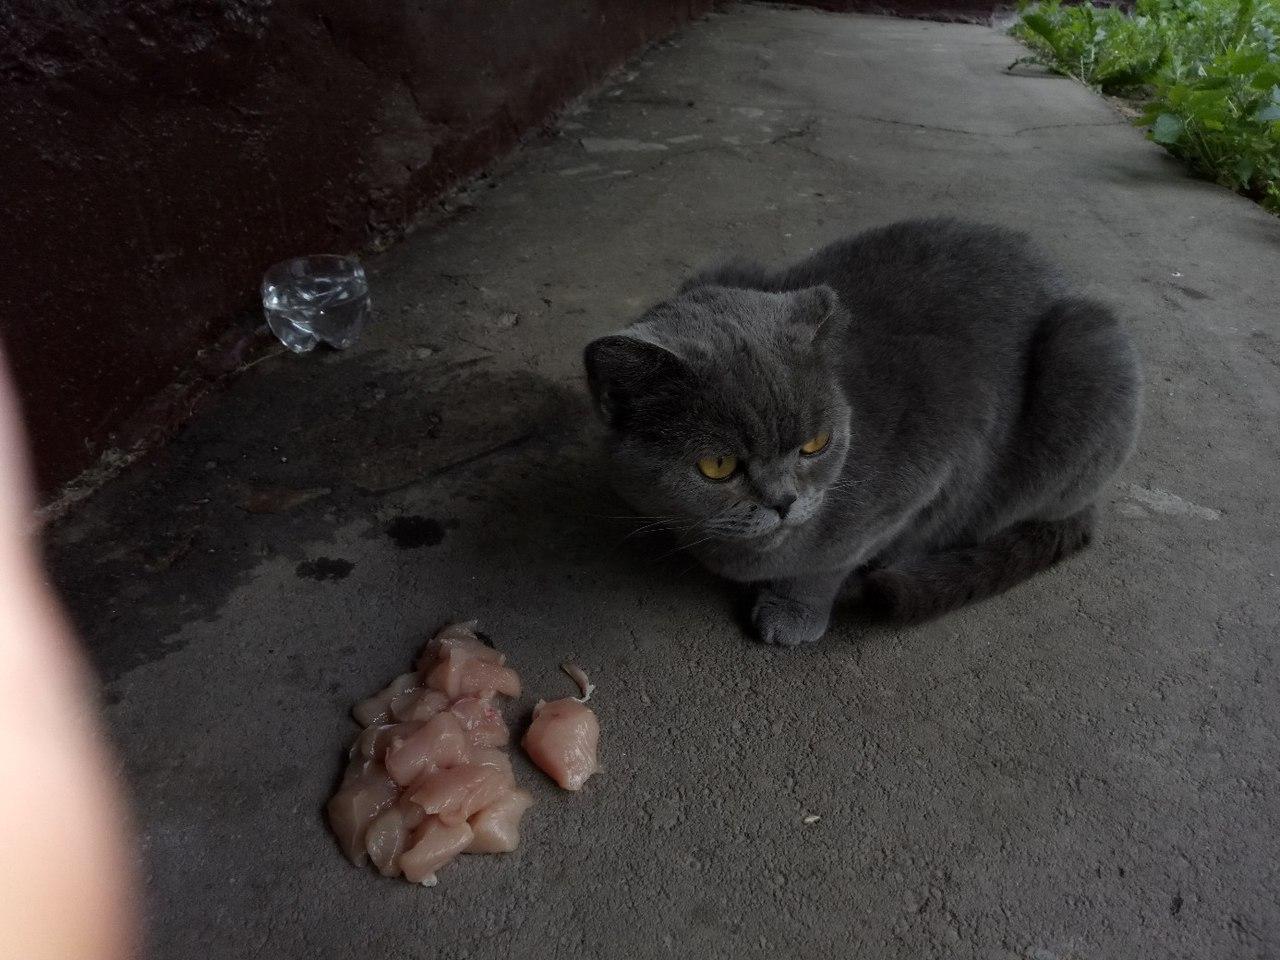 Климовск. Выбросили домашнюю британочку. Ей очень тяжело на улице.